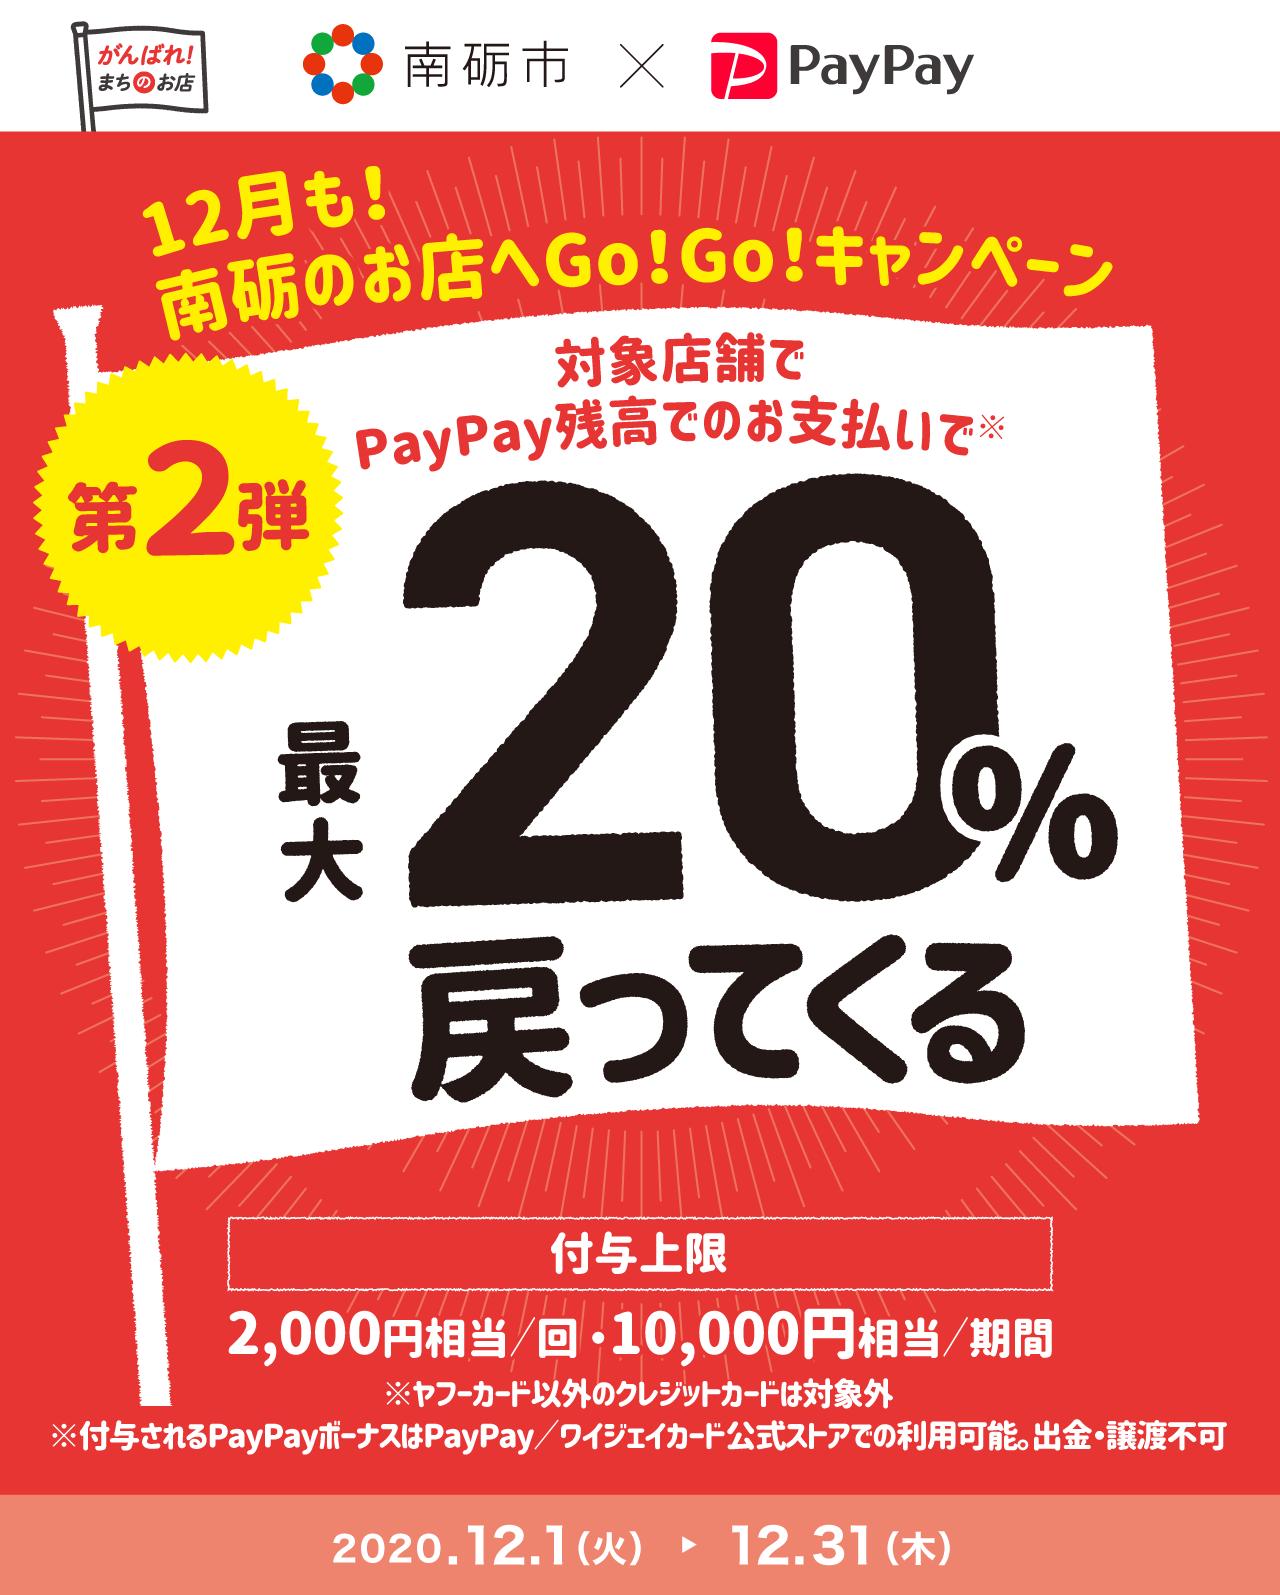 南砺市 PayPayキャンペーン